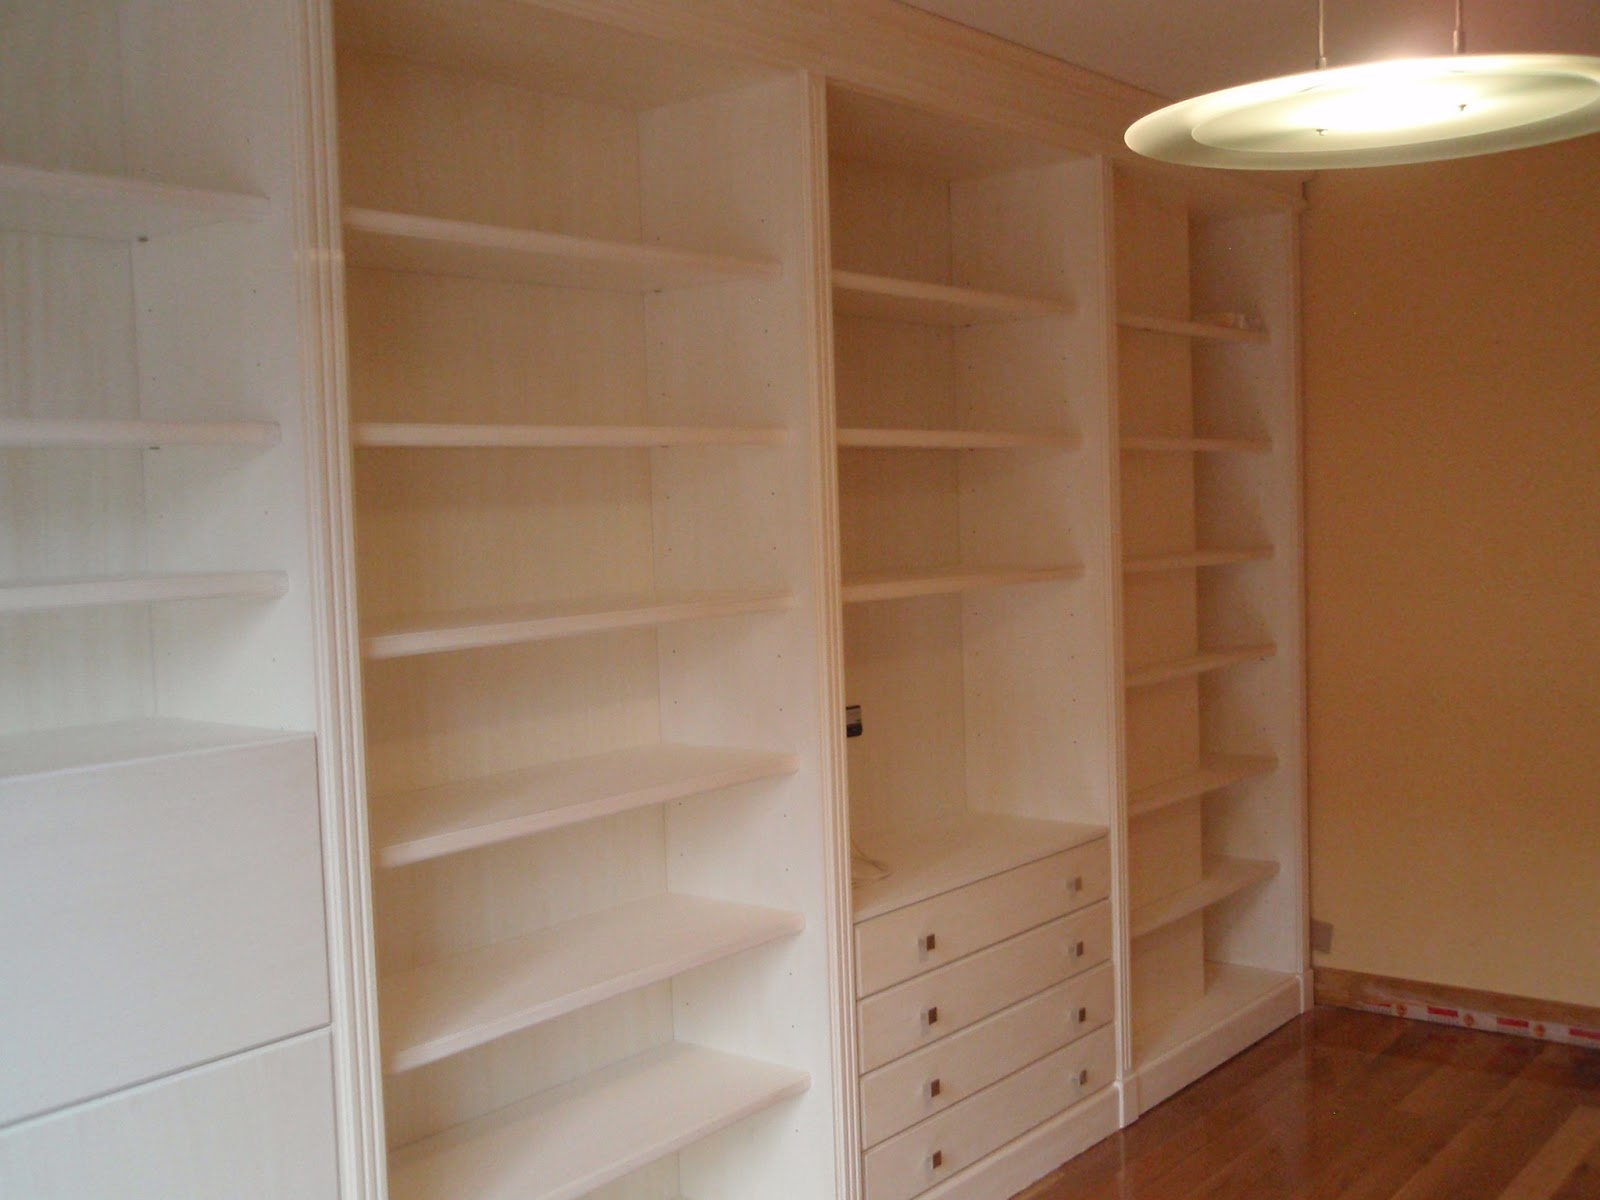 Mueble de pared completa a medida en madera lacada - Muebles de madera a medida ...